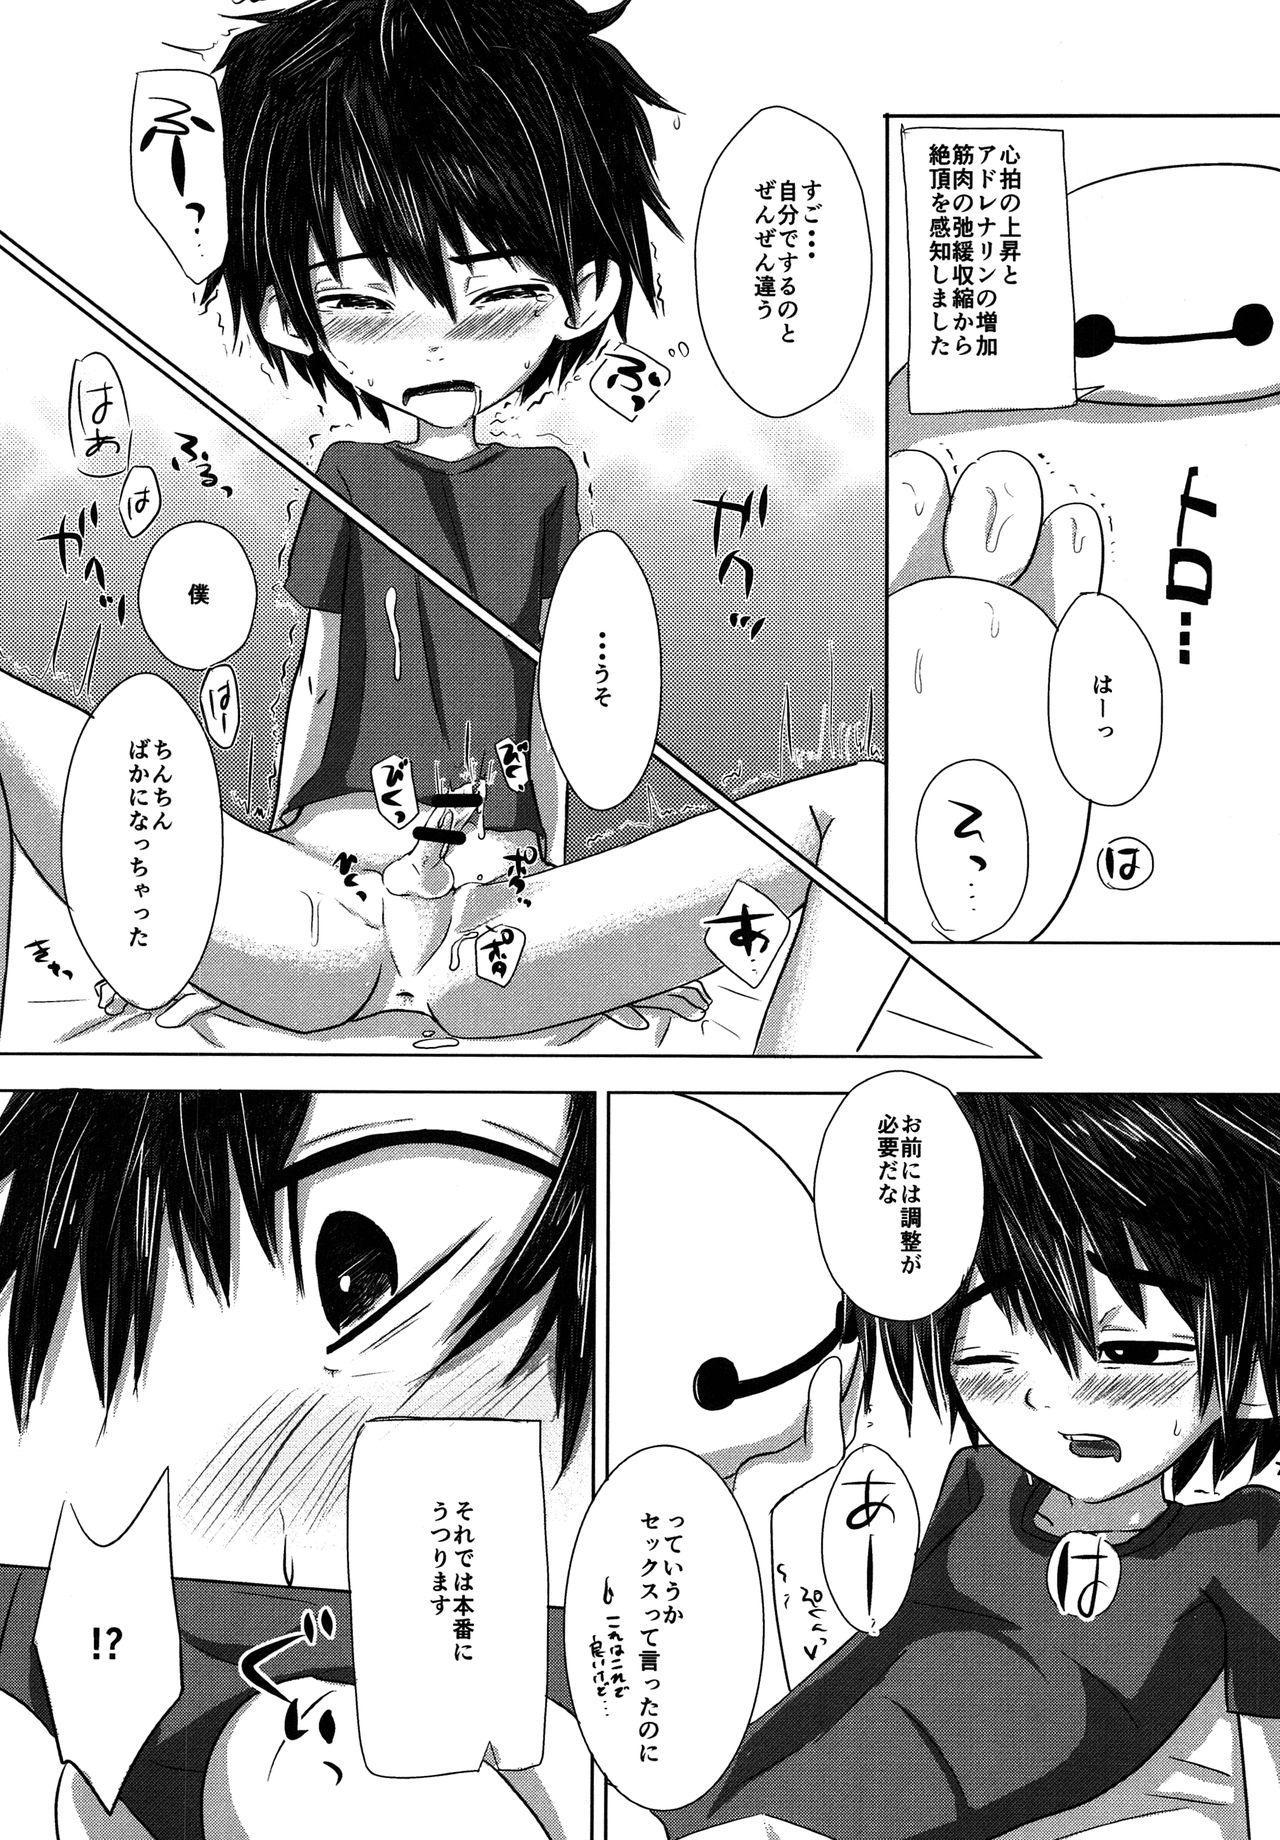 Hitori De Dekiru Mon 10